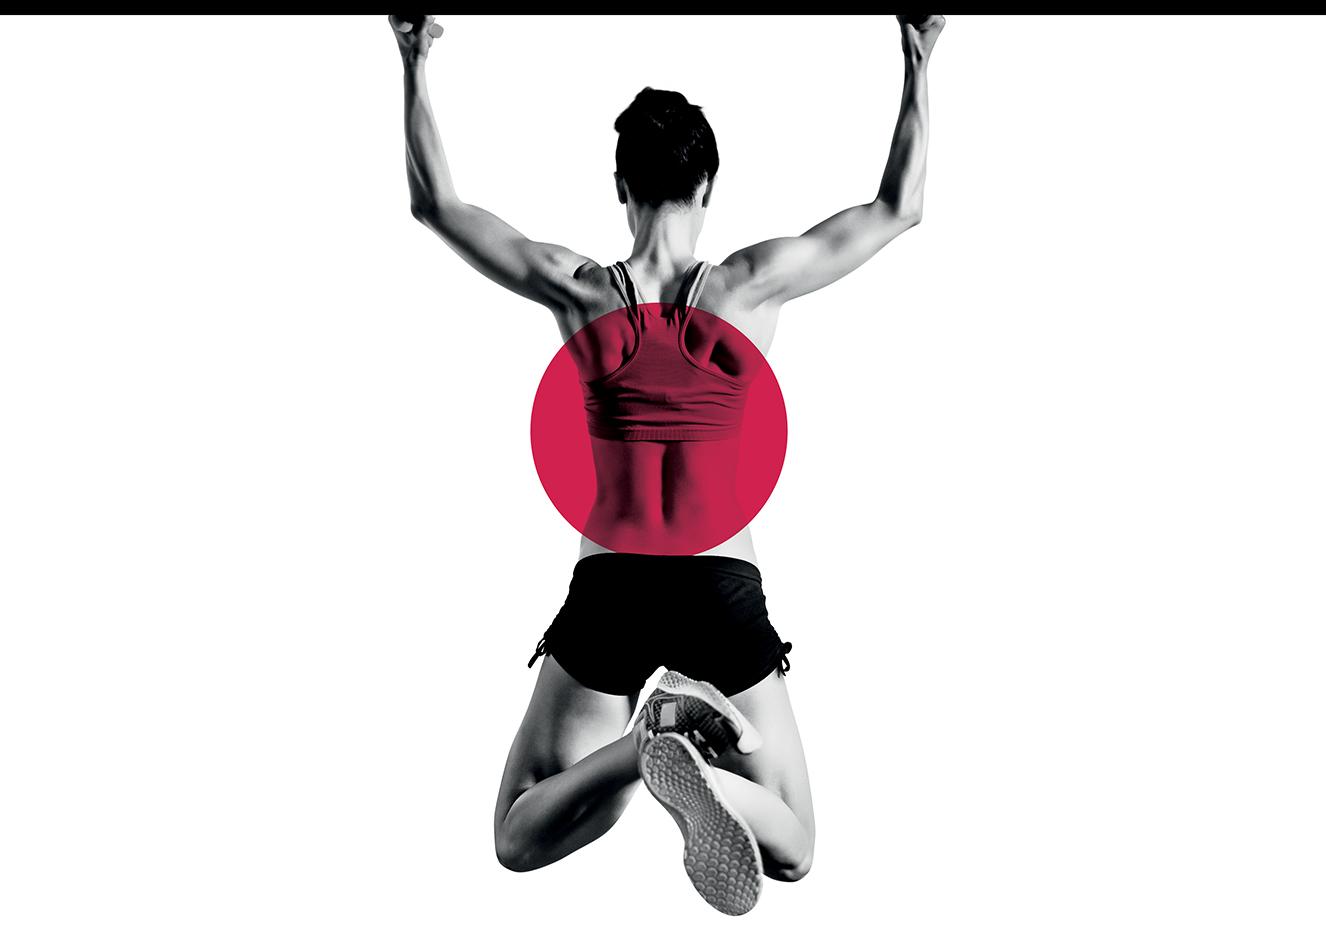 foto de mulher fazendo exercício em barra, com holofote vermelho na coluna